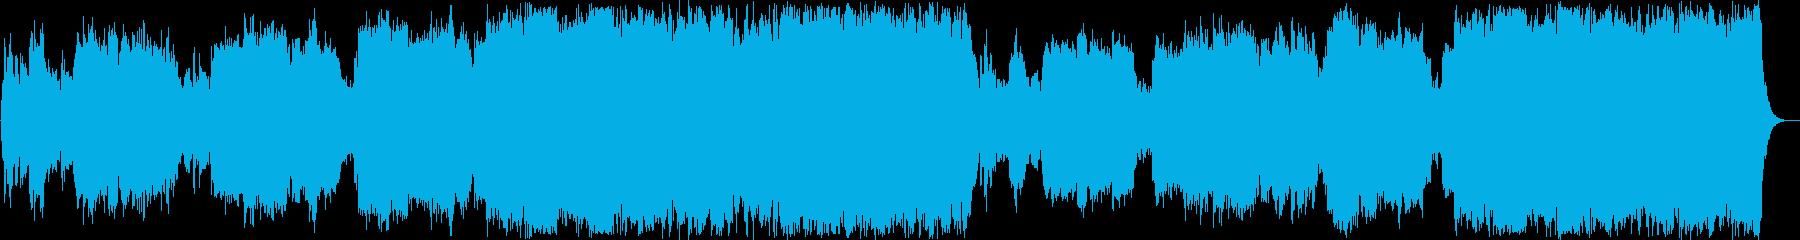 穏やかなシンセ管楽器サウンドの再生済みの波形